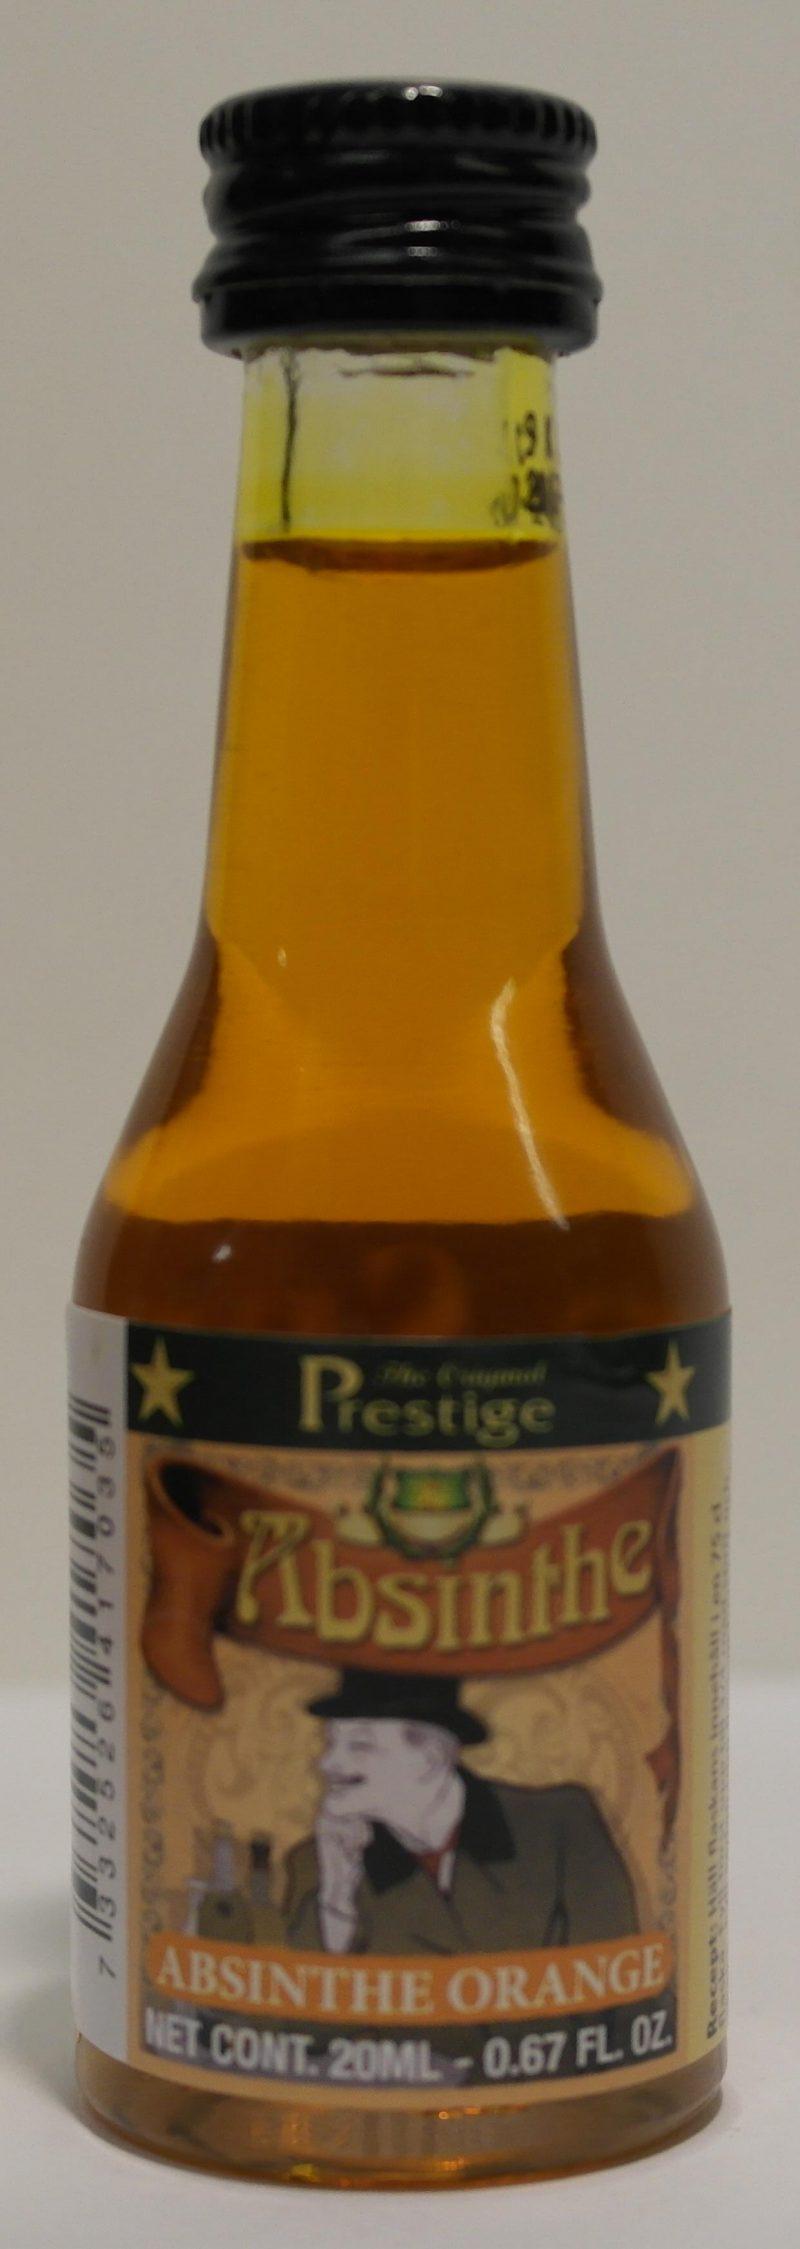 Prestige Absinthe Orange